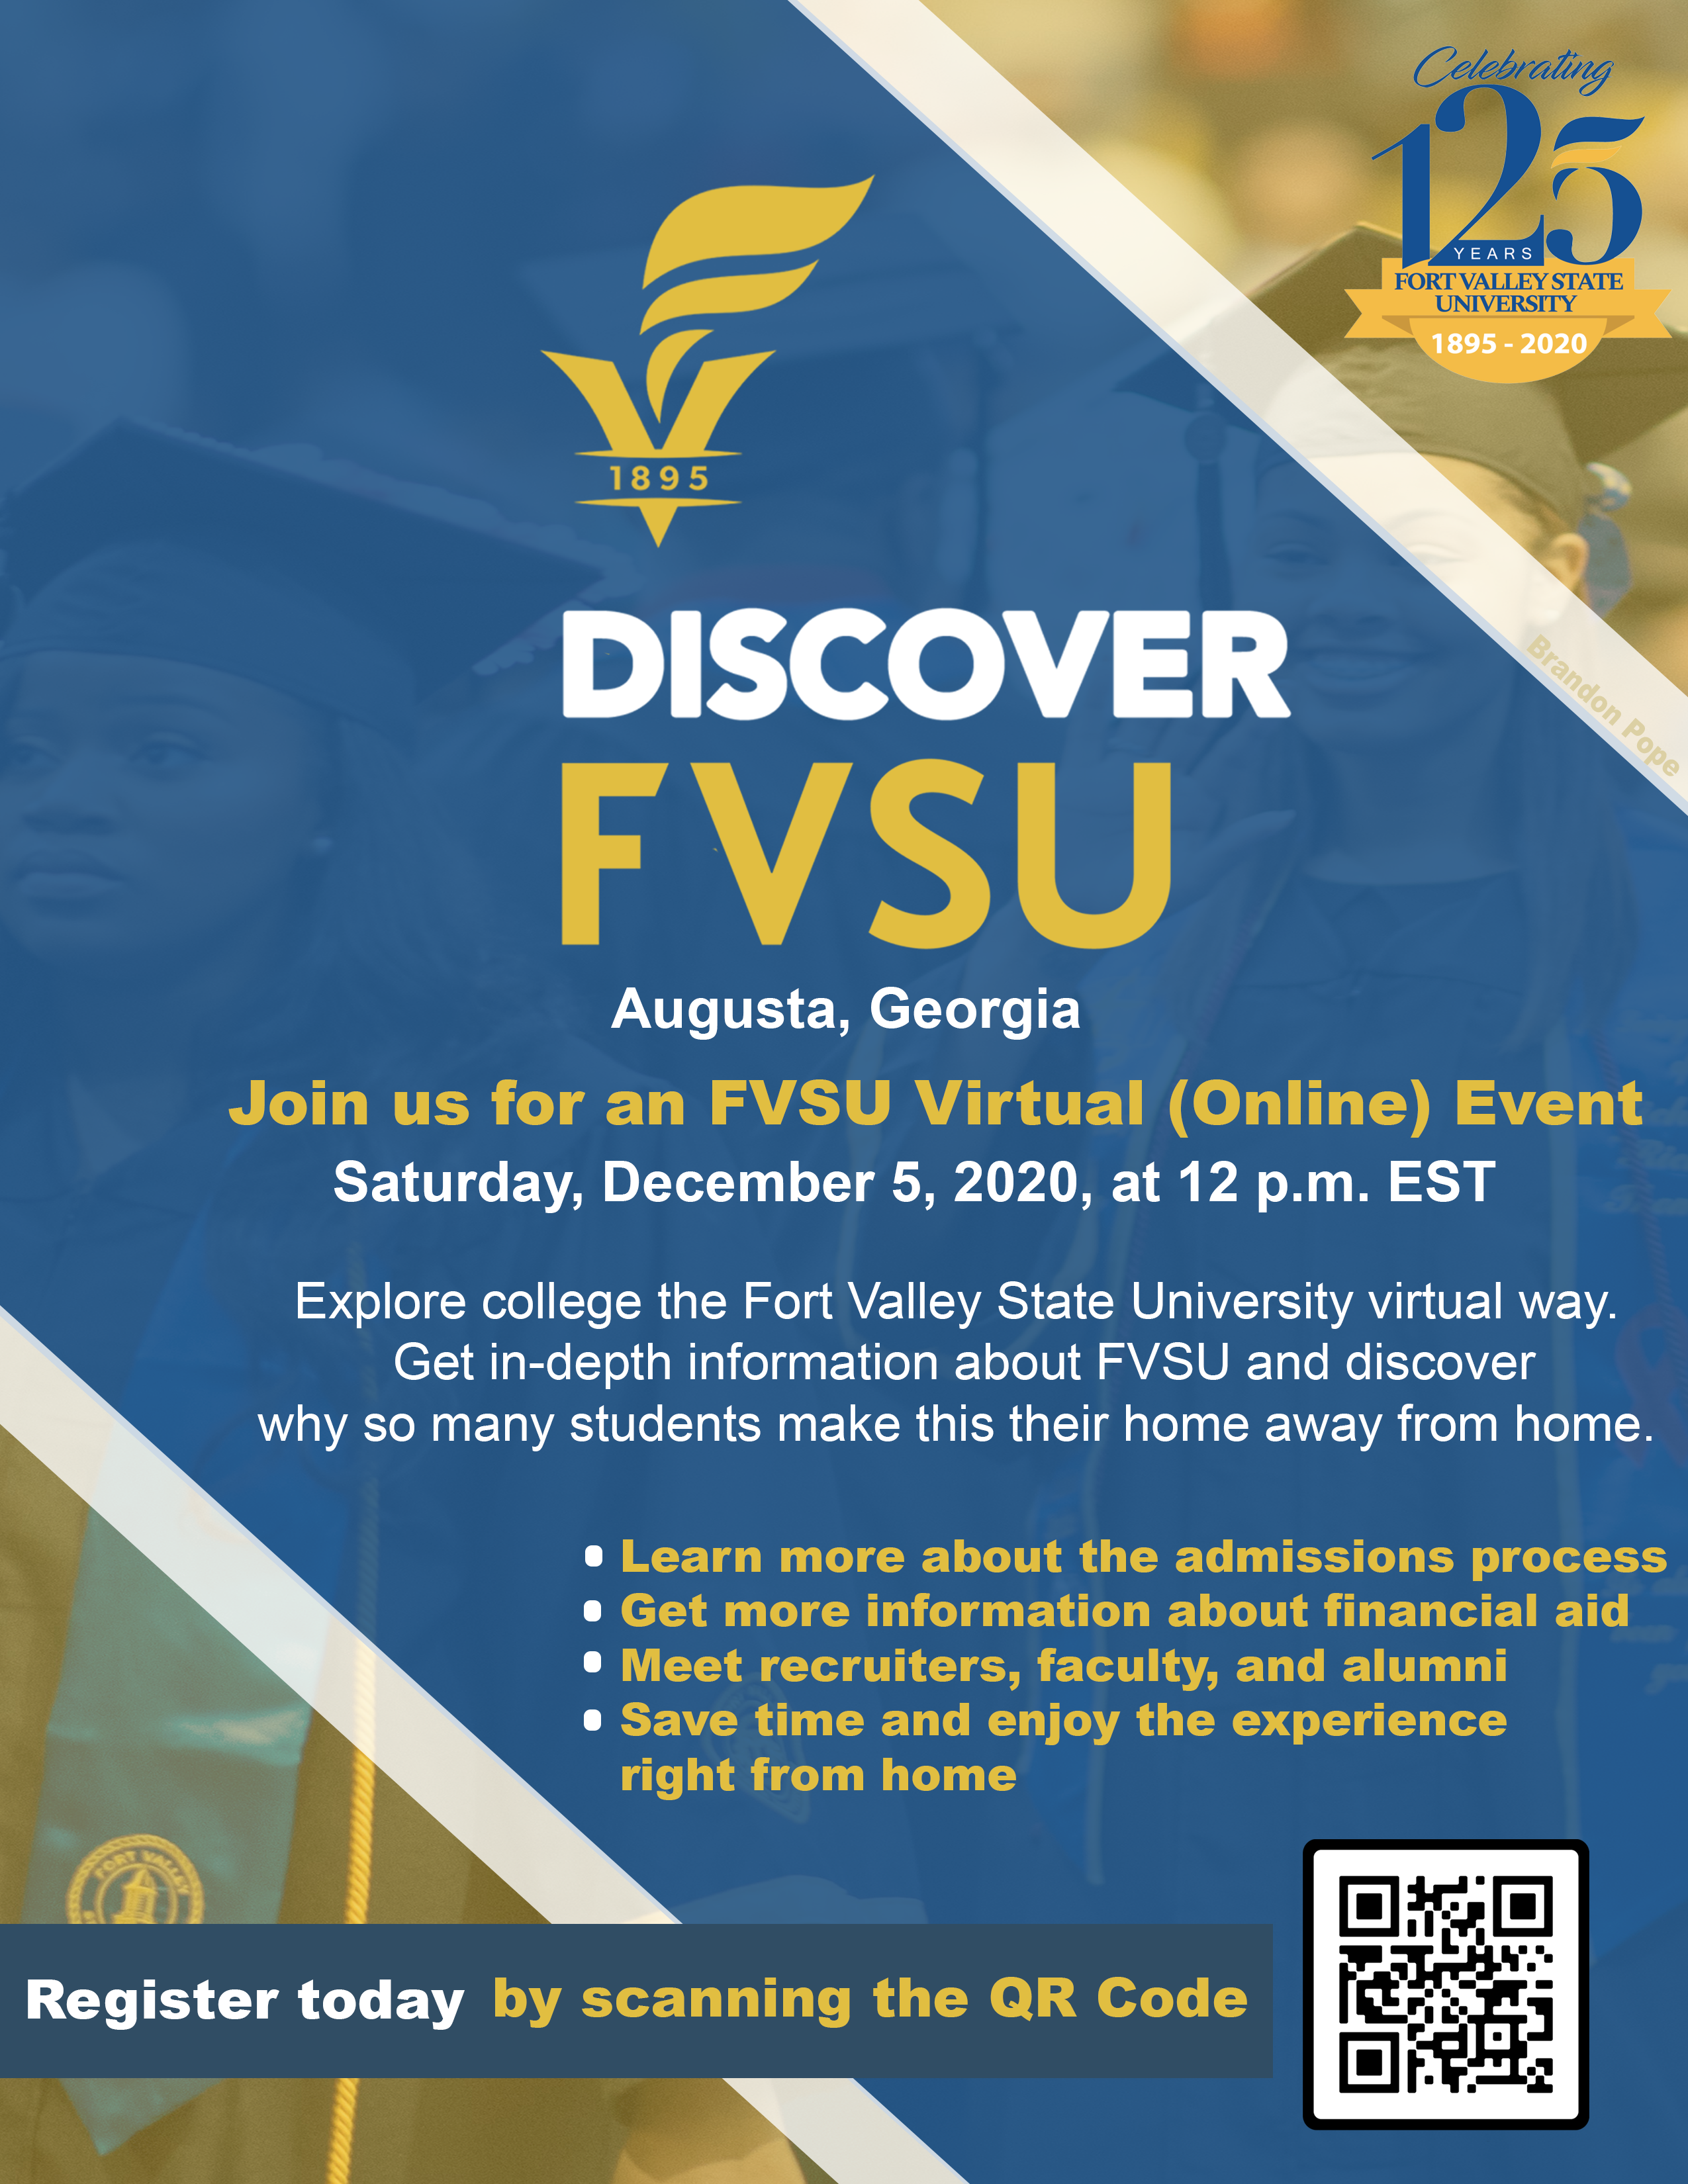 FVSU Discover